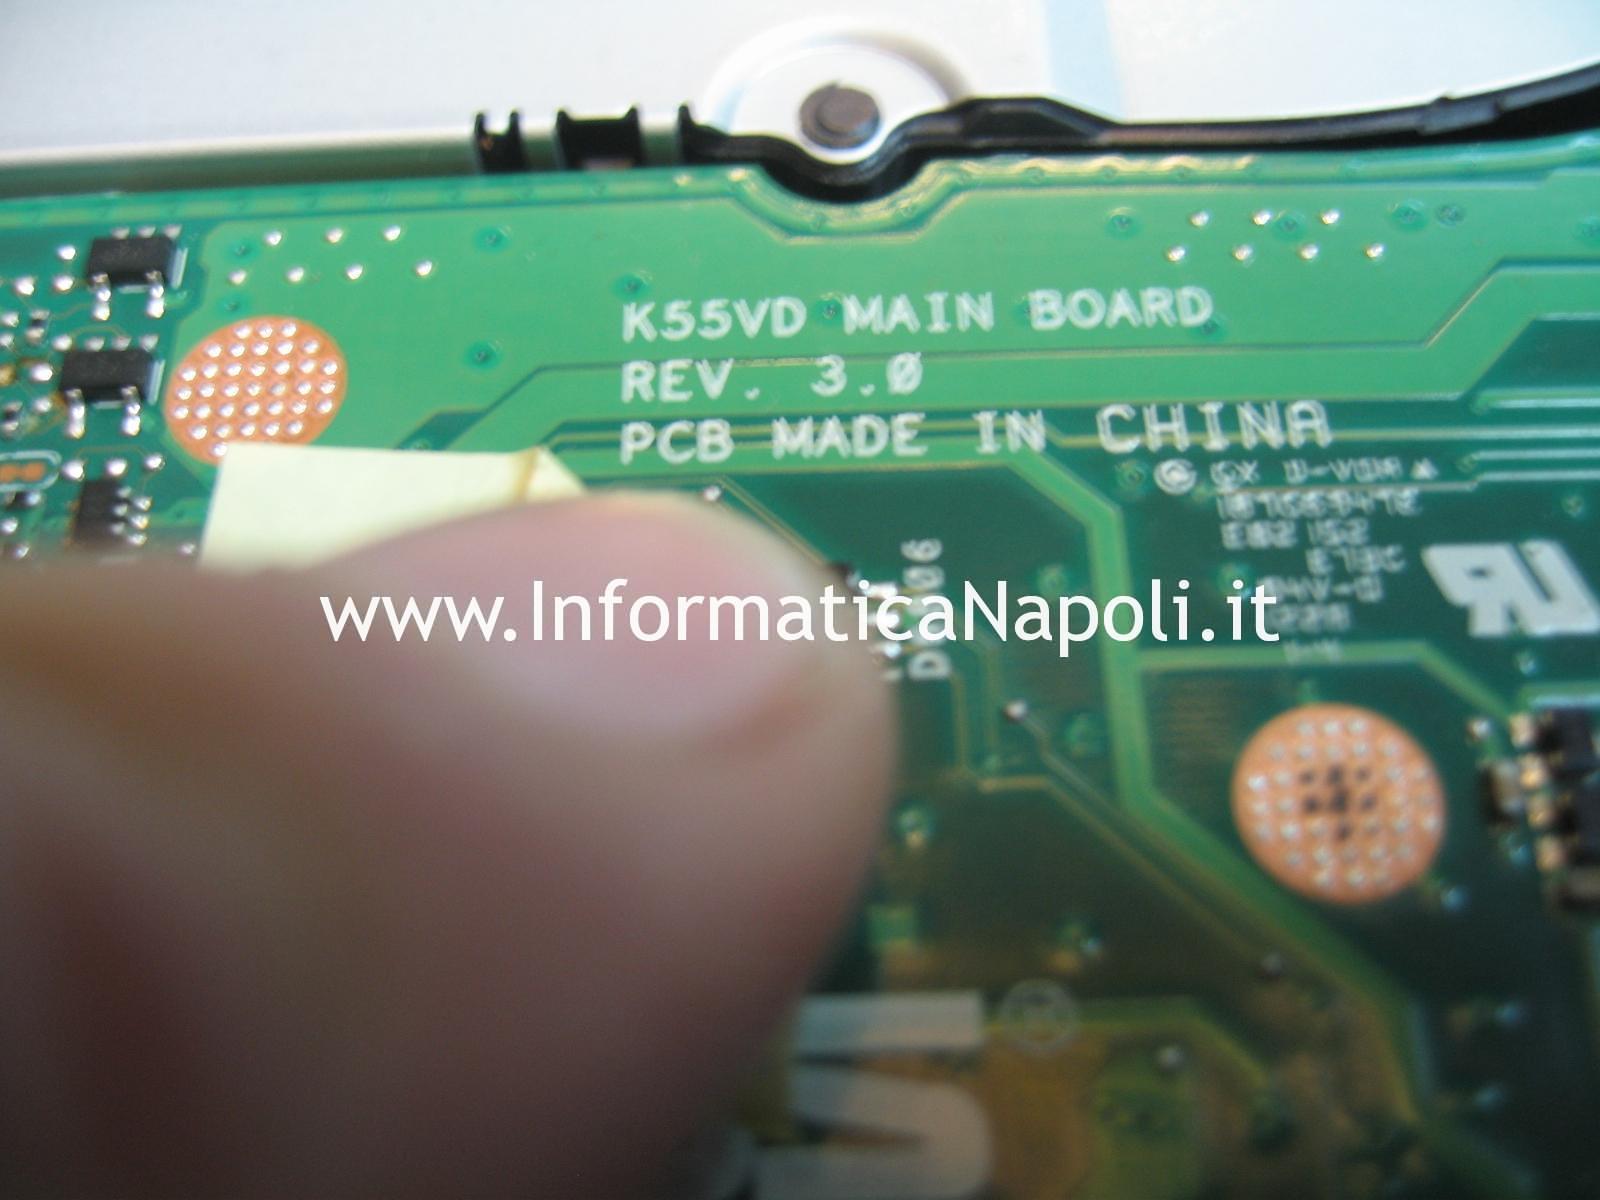 ASUS A55V K55VD 3.0 A55VD SX400H